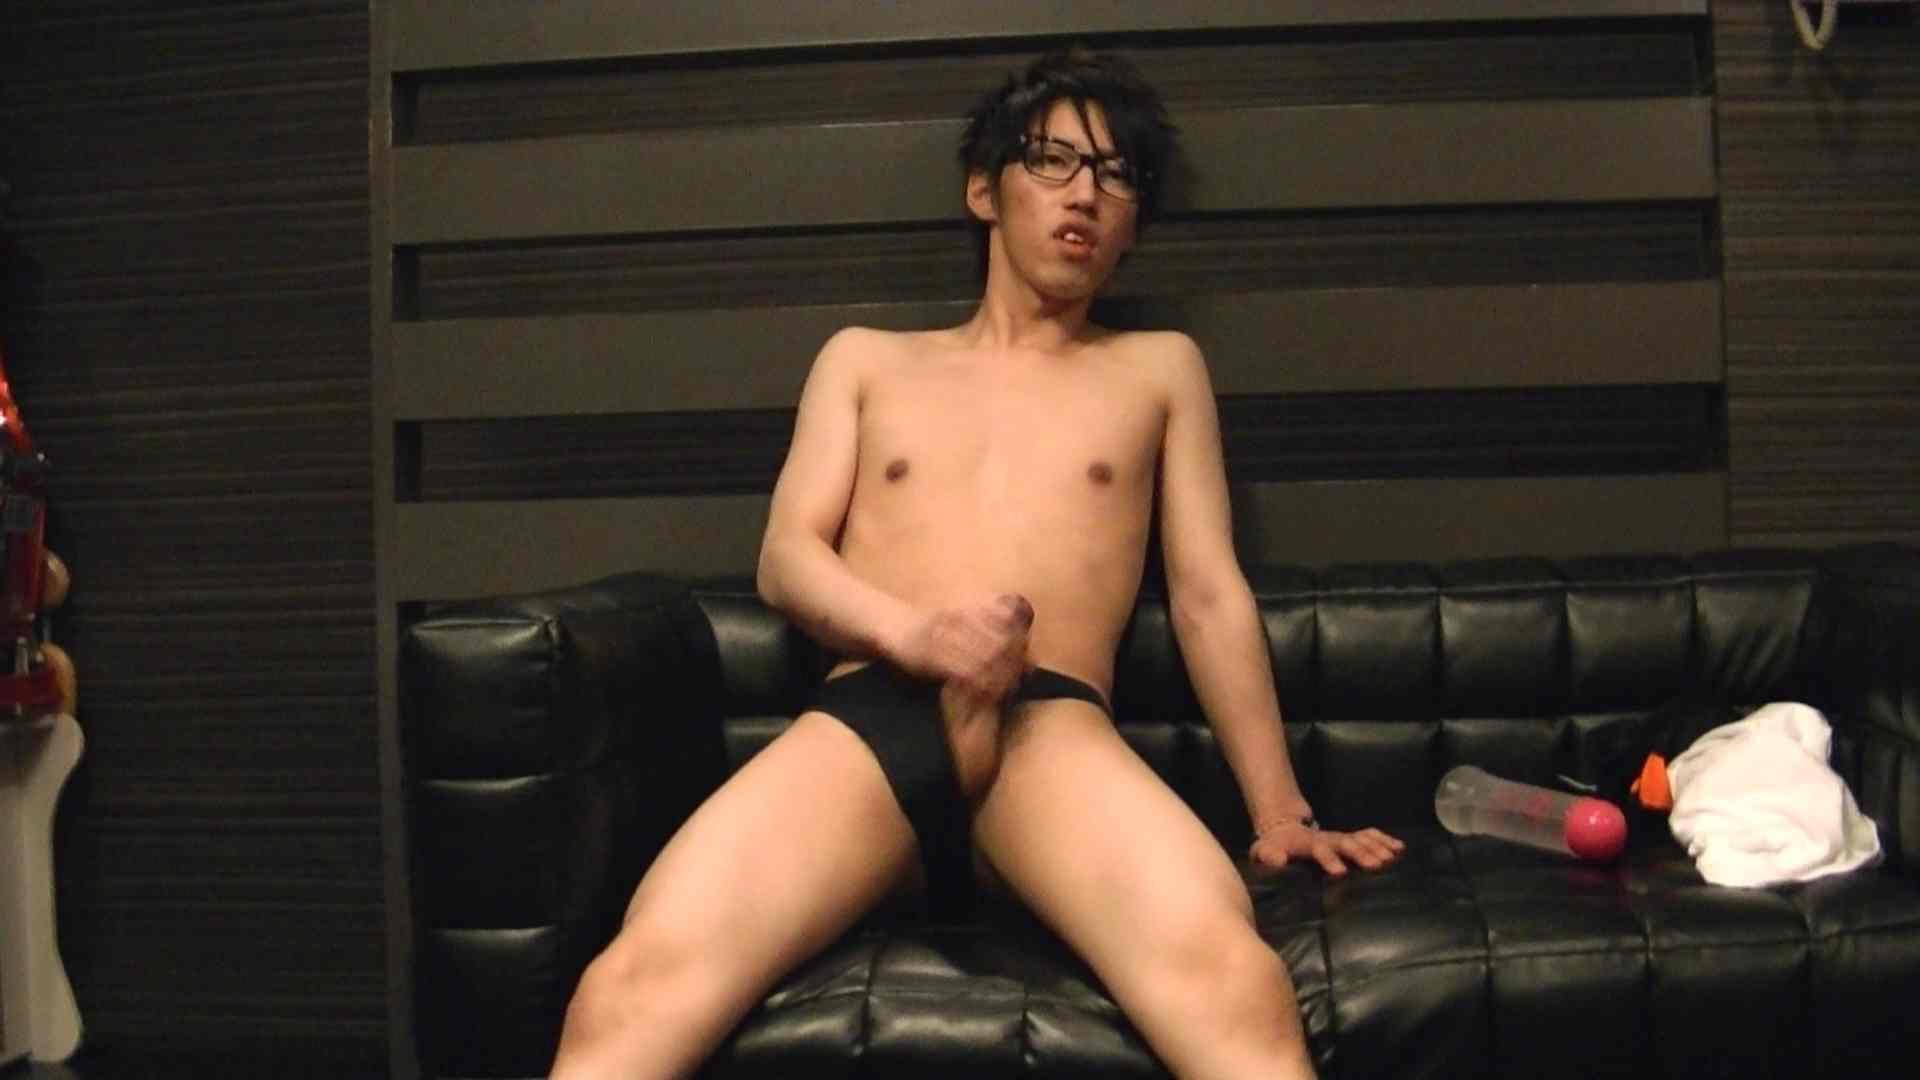 Mr.オナックスさん投稿!HD 貴方のオナニー三万円で撮影させてください。VOL.04 スジ筋系マッチョマン ペニス画像 55連発 47